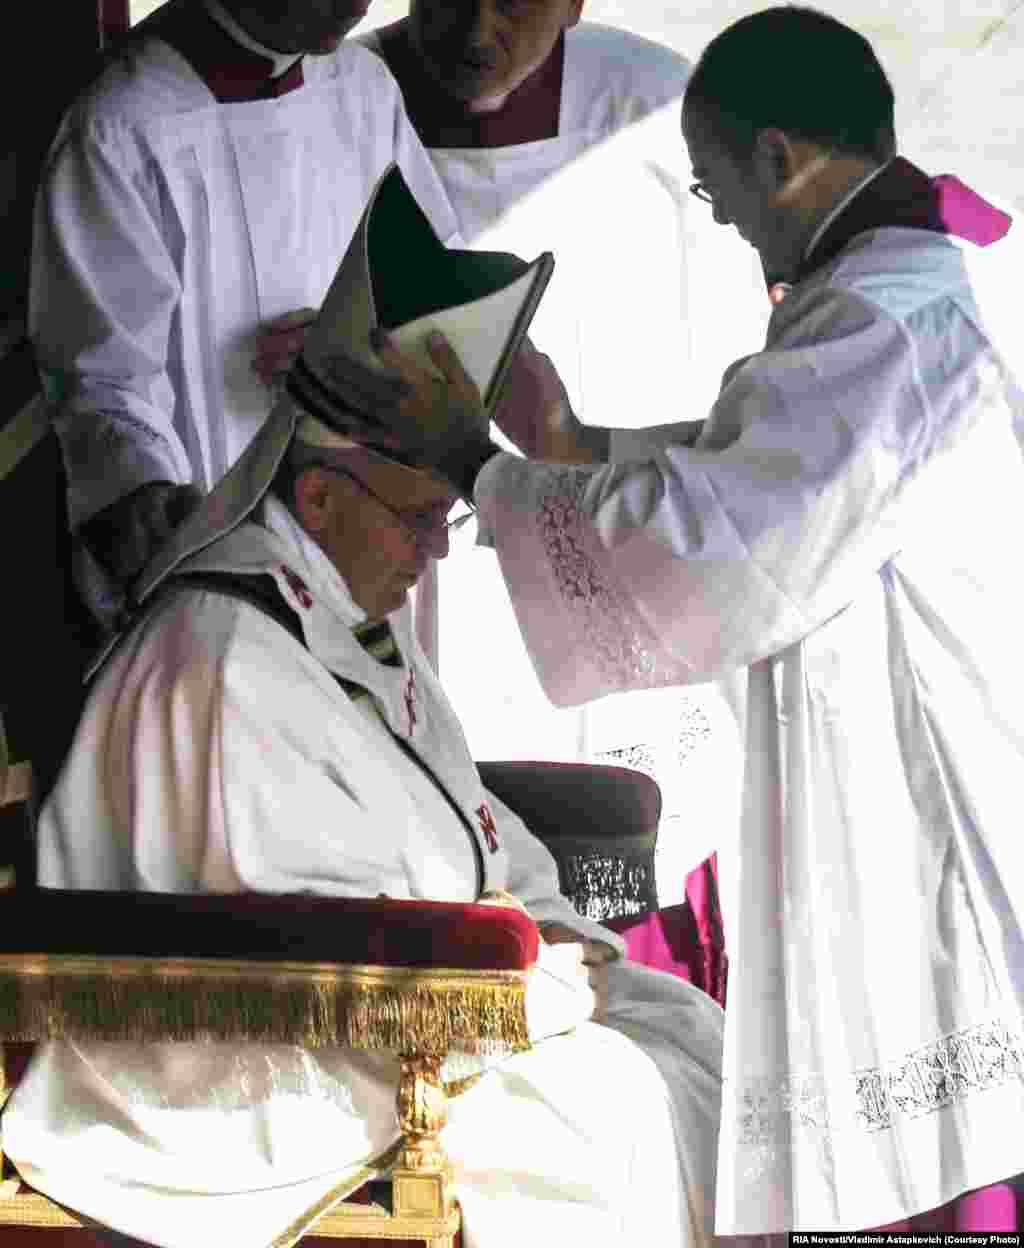 Во время церемонии интронизации на площади Святого Петра в Ватикане. 19 марта 2013 года